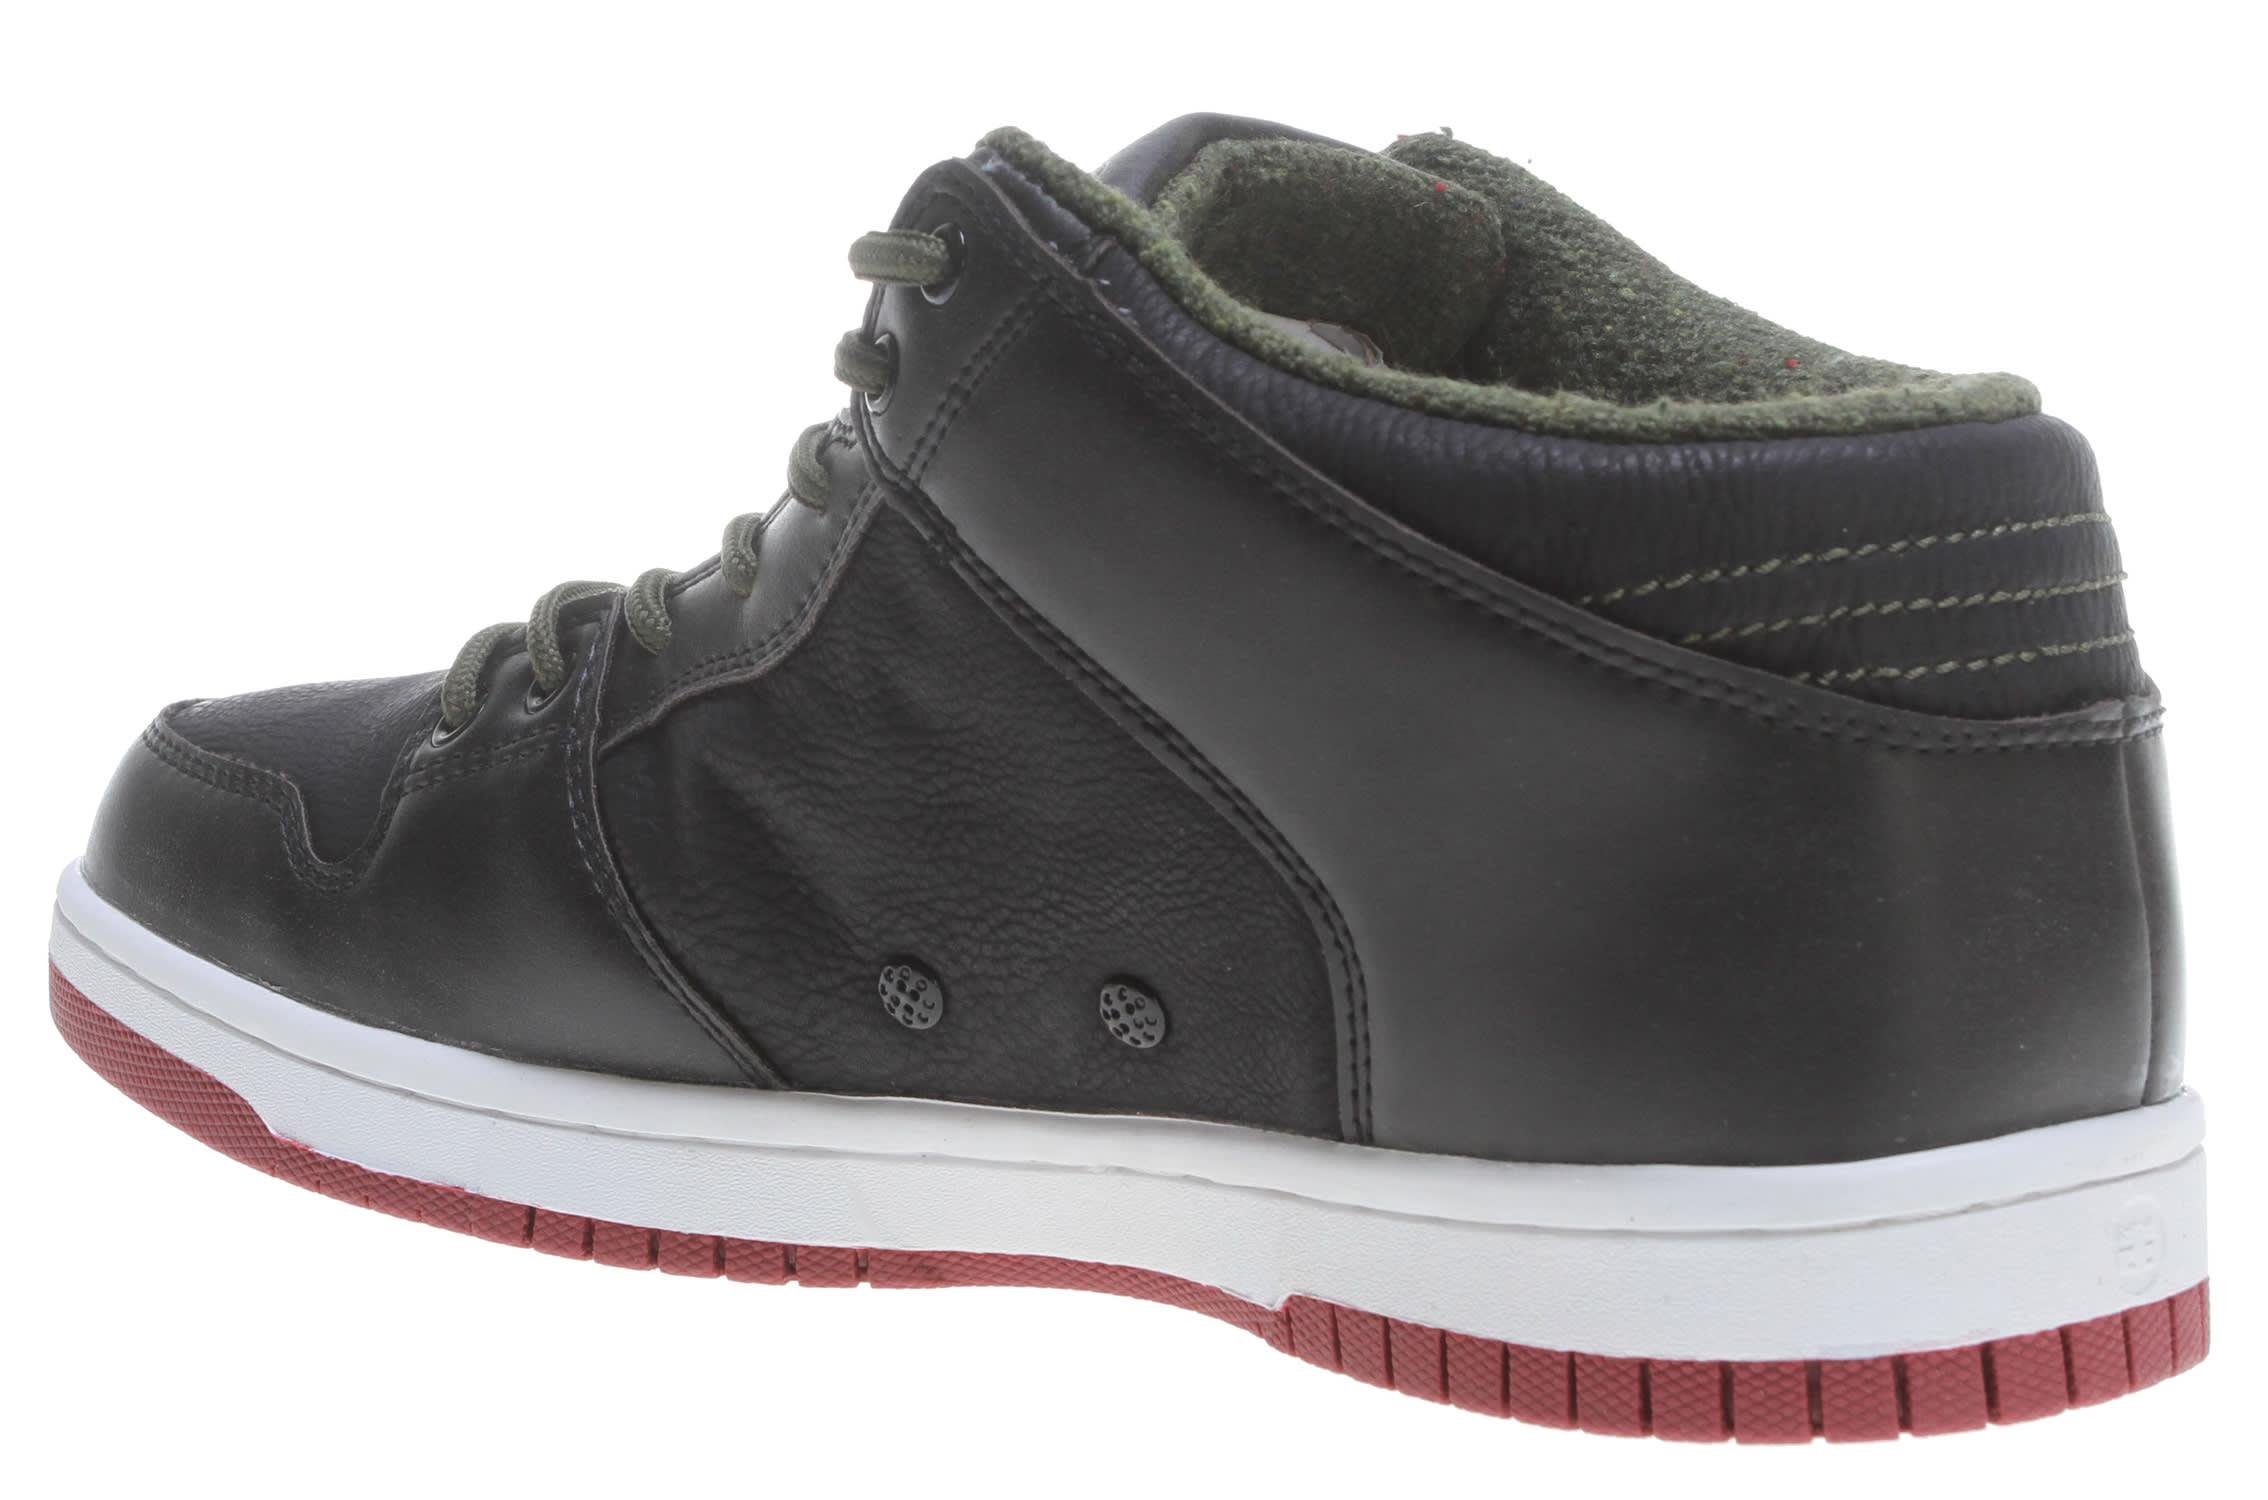 a8f5778517 Ipath Grasshopper XT Skate Shoes - thumbnail 3